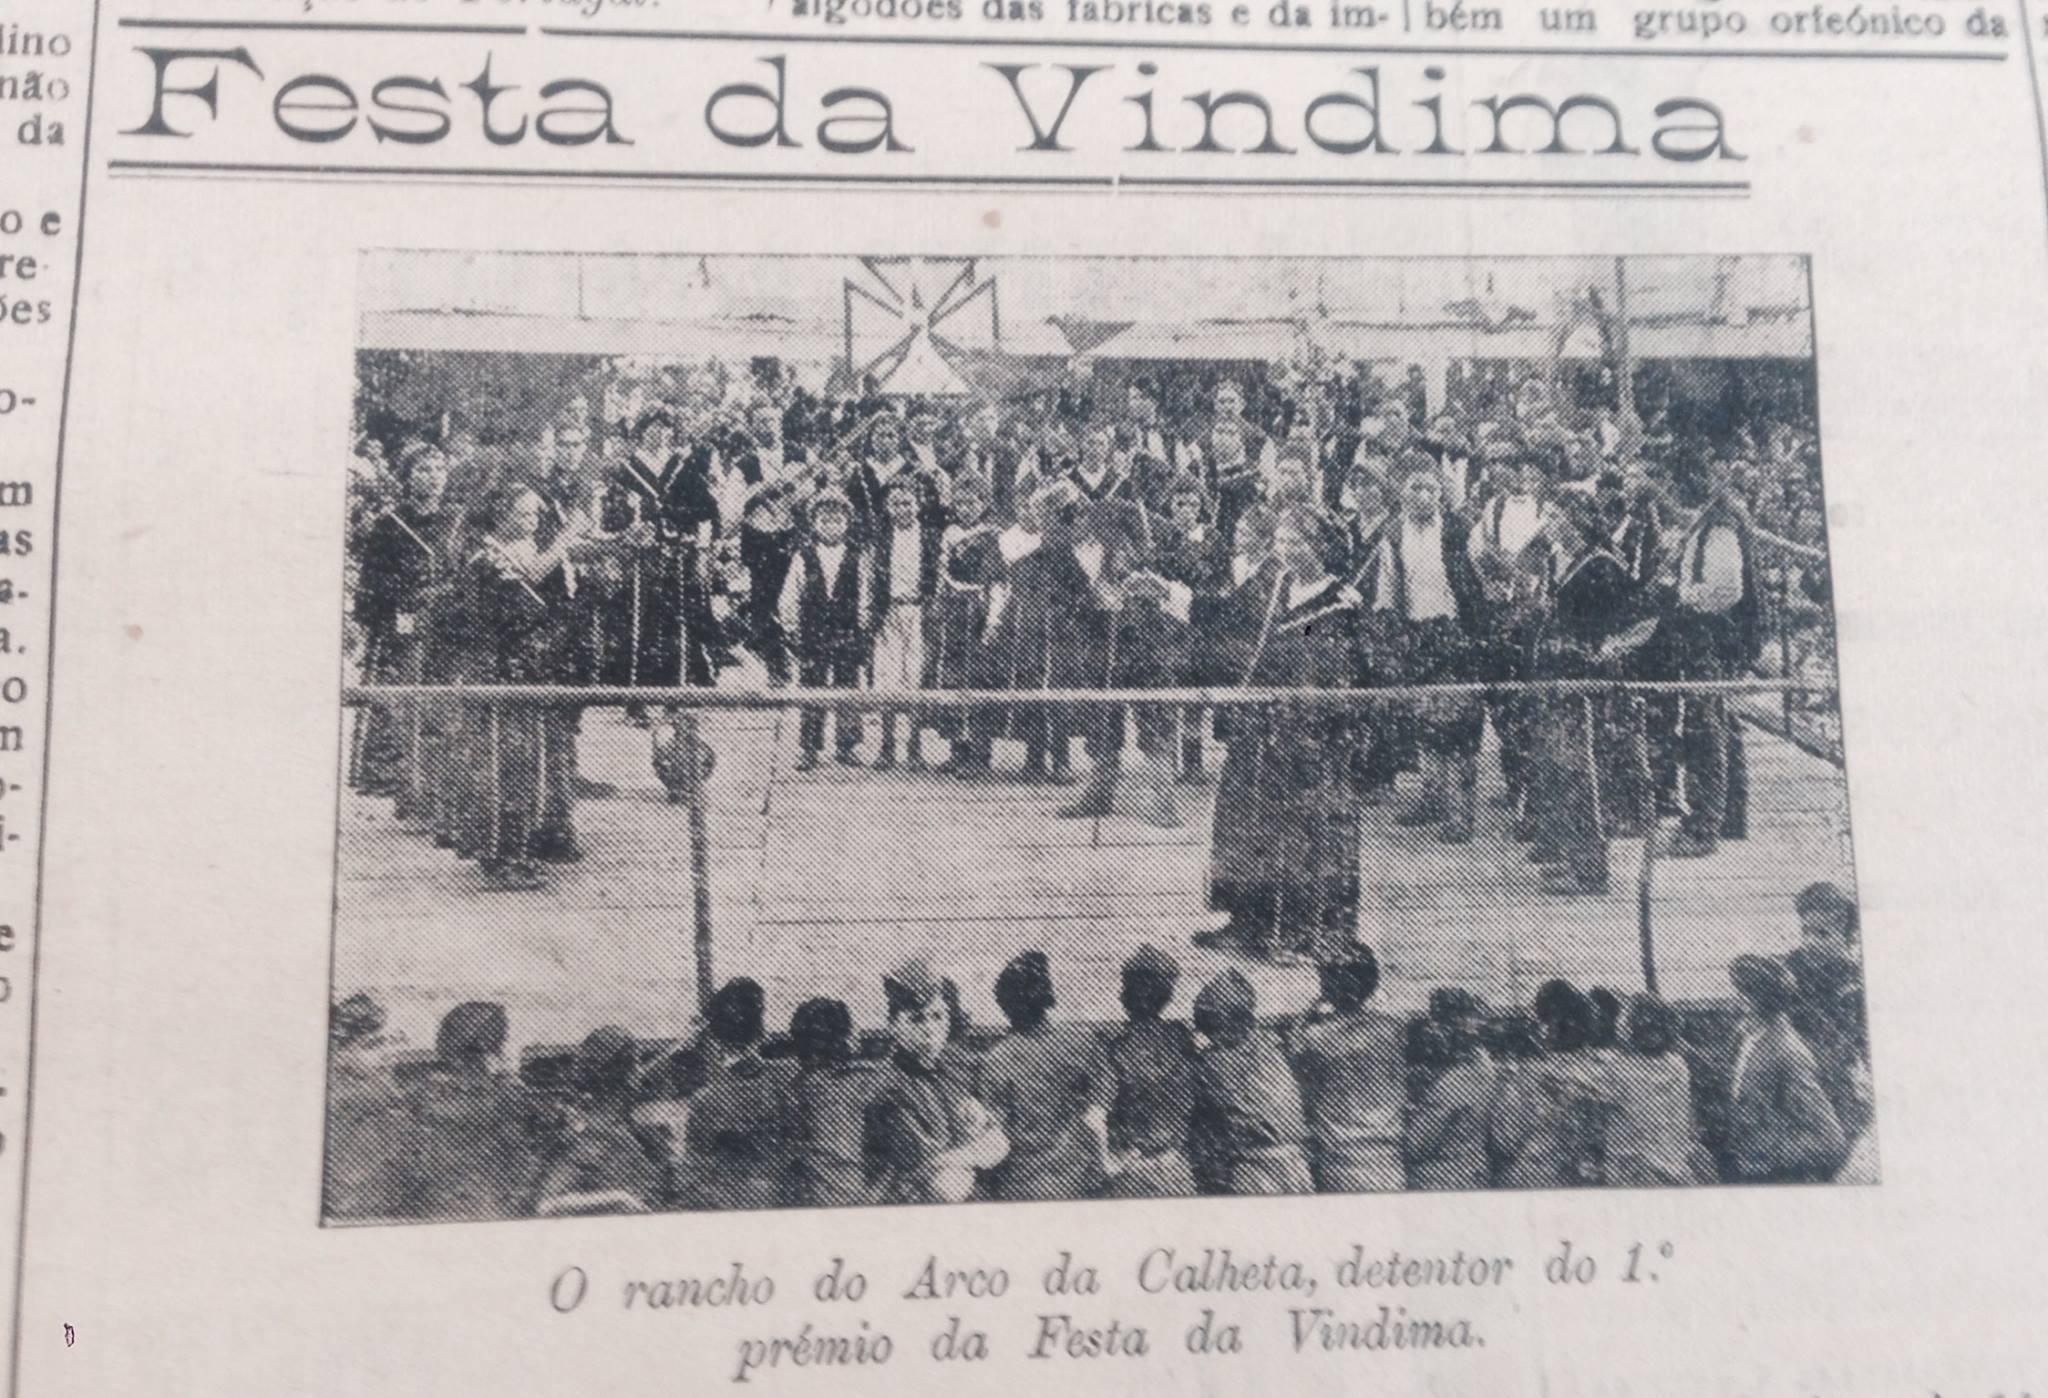 Bailinho da Madeira history Festa da Cindima